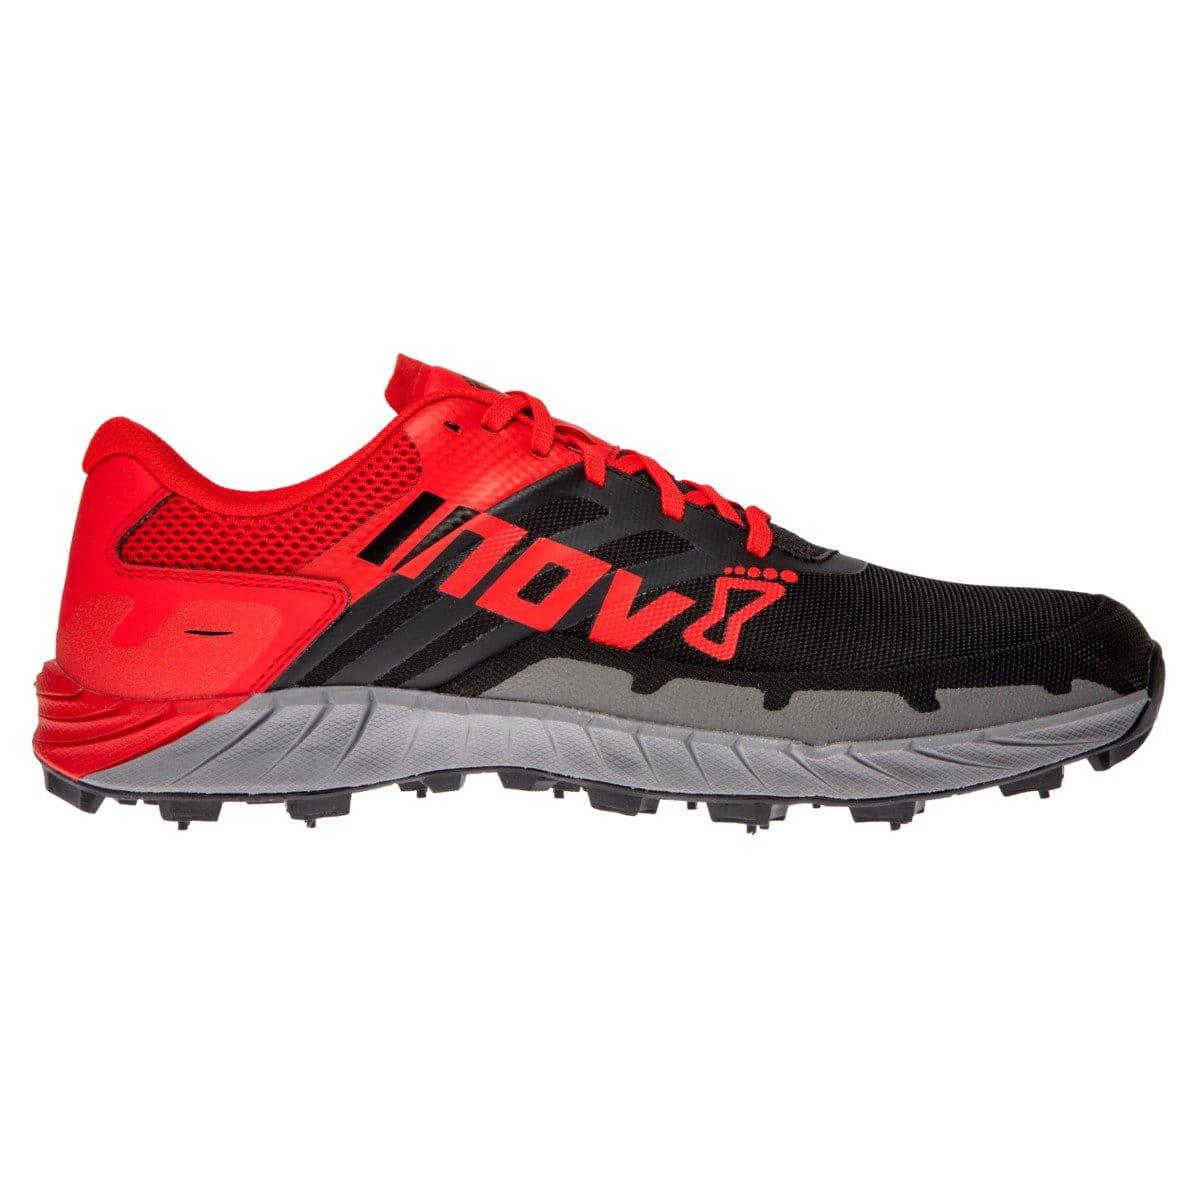 Běžecká obuv Inov-8  OROC 290 M (S) red/black červená/černá